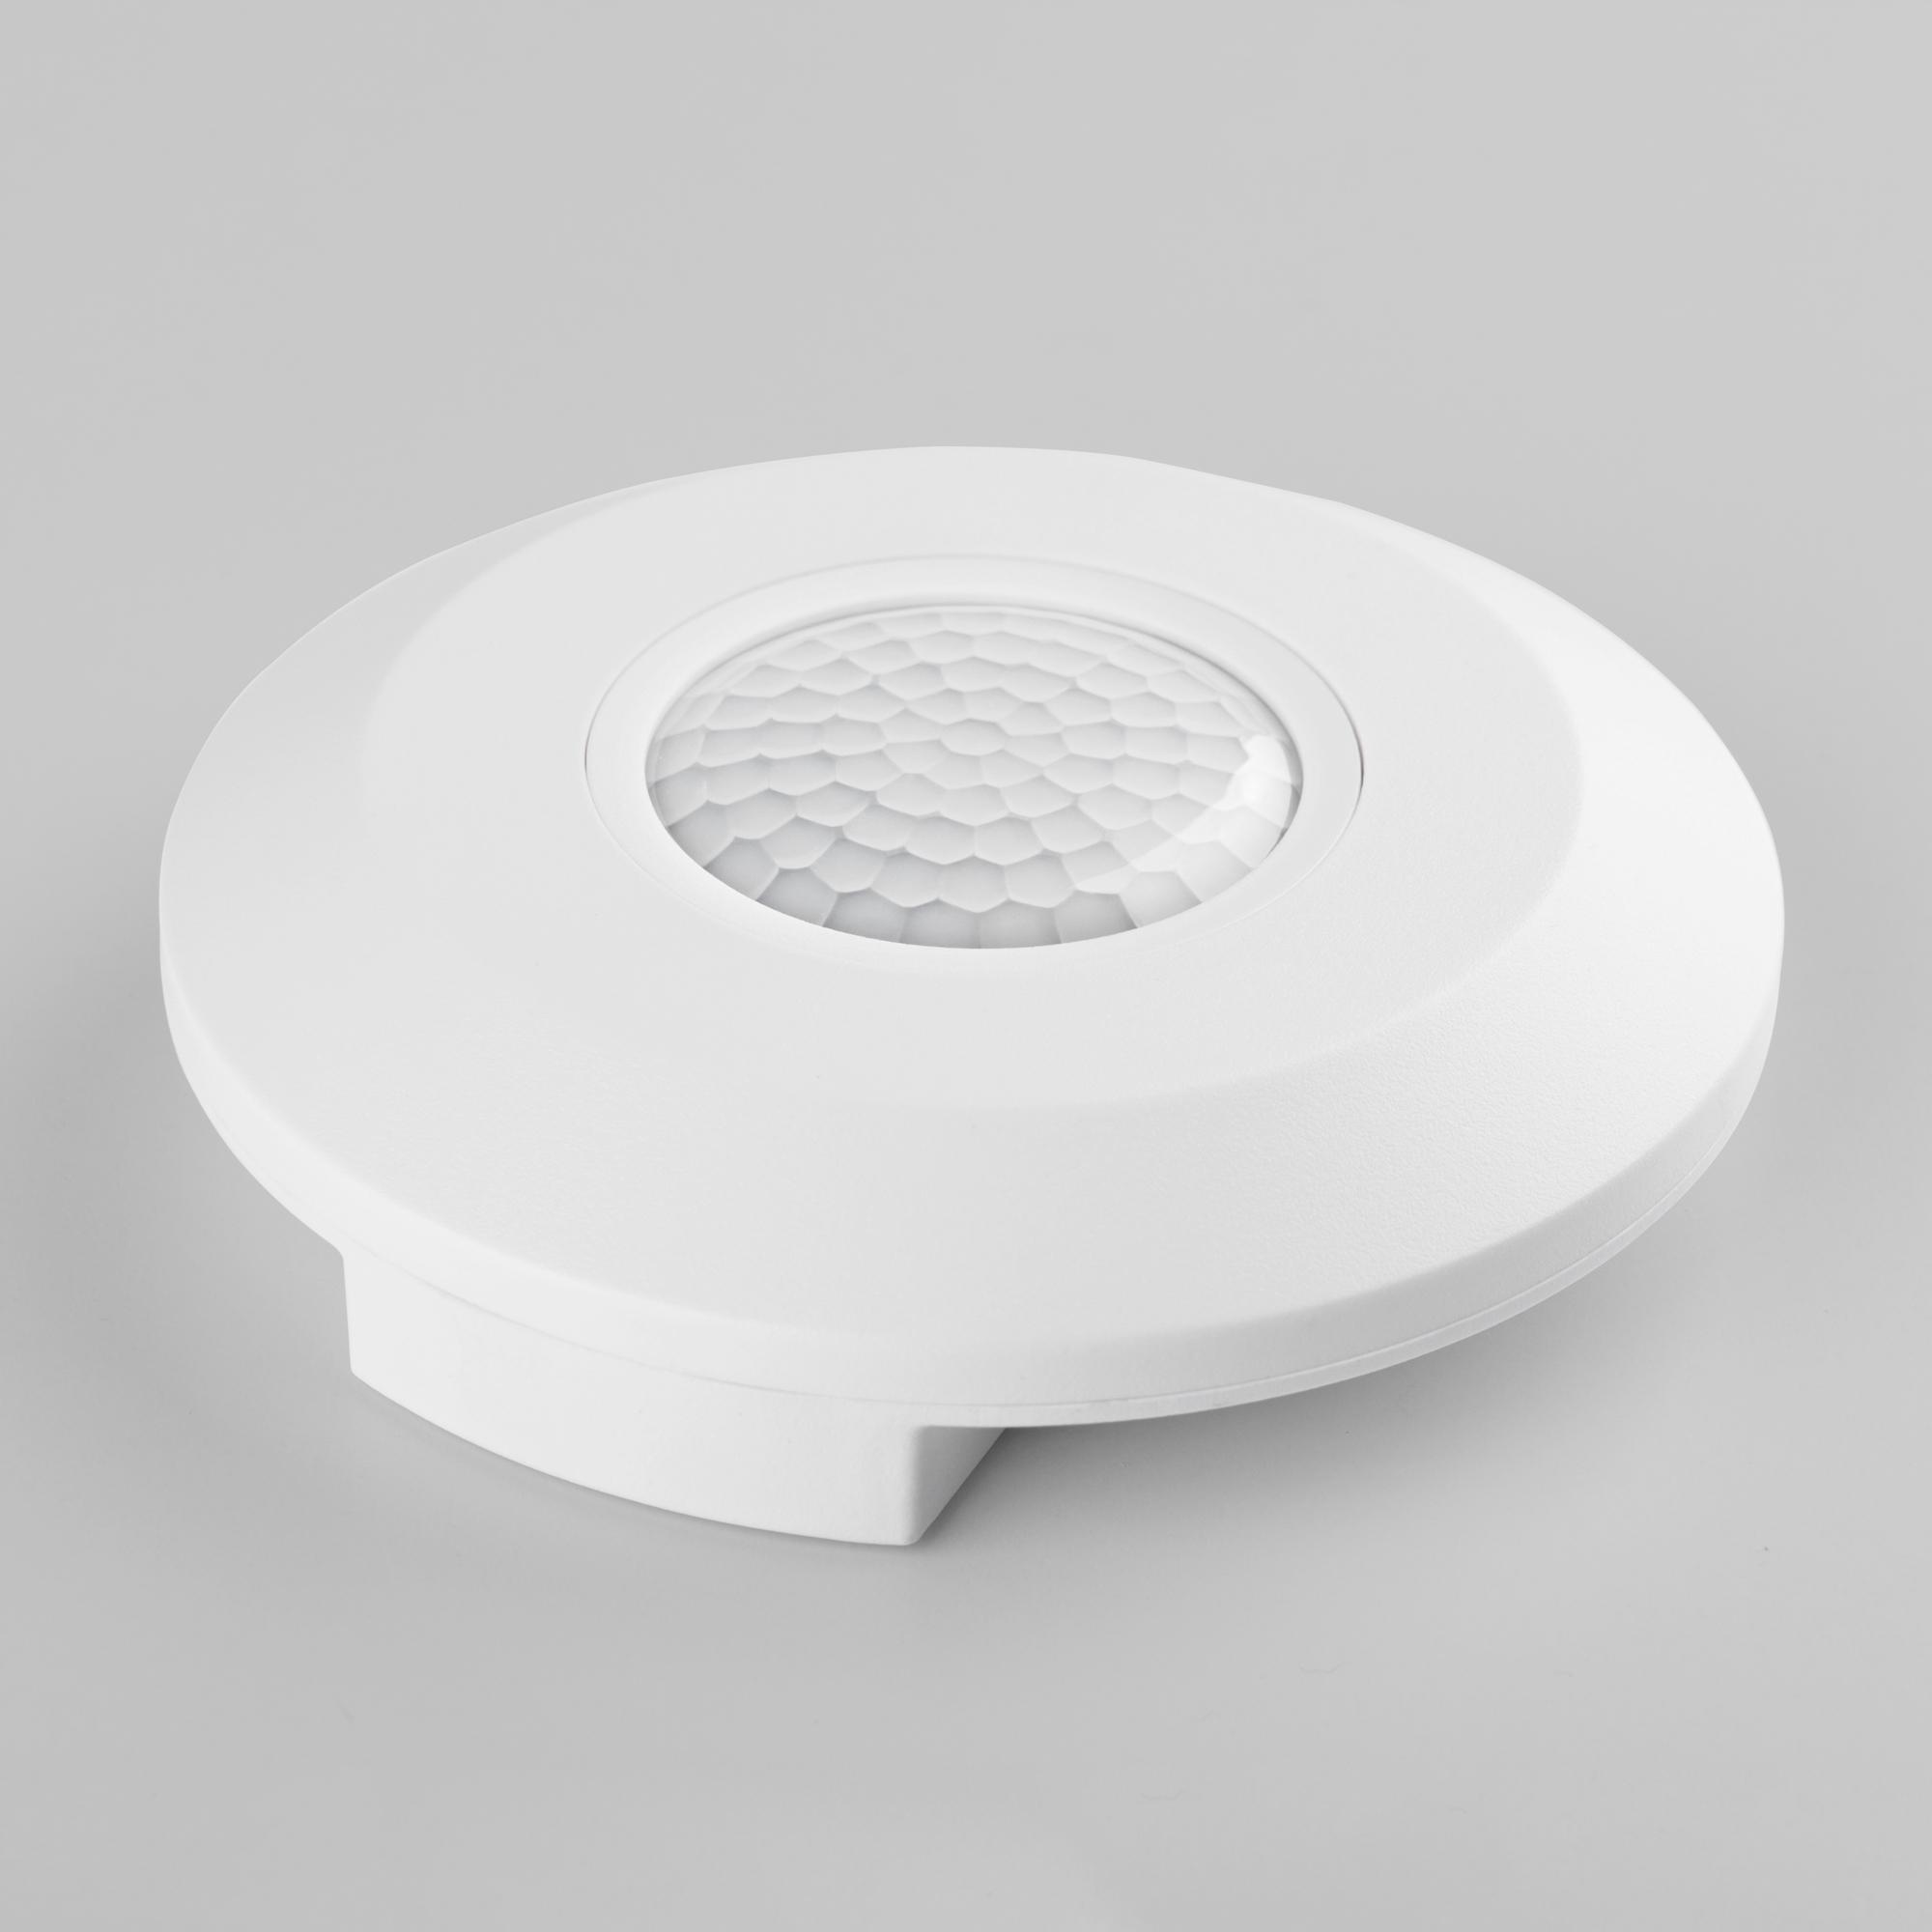 SNS-M-11 6m 2,2-4m 2000W IP20 360 Белый